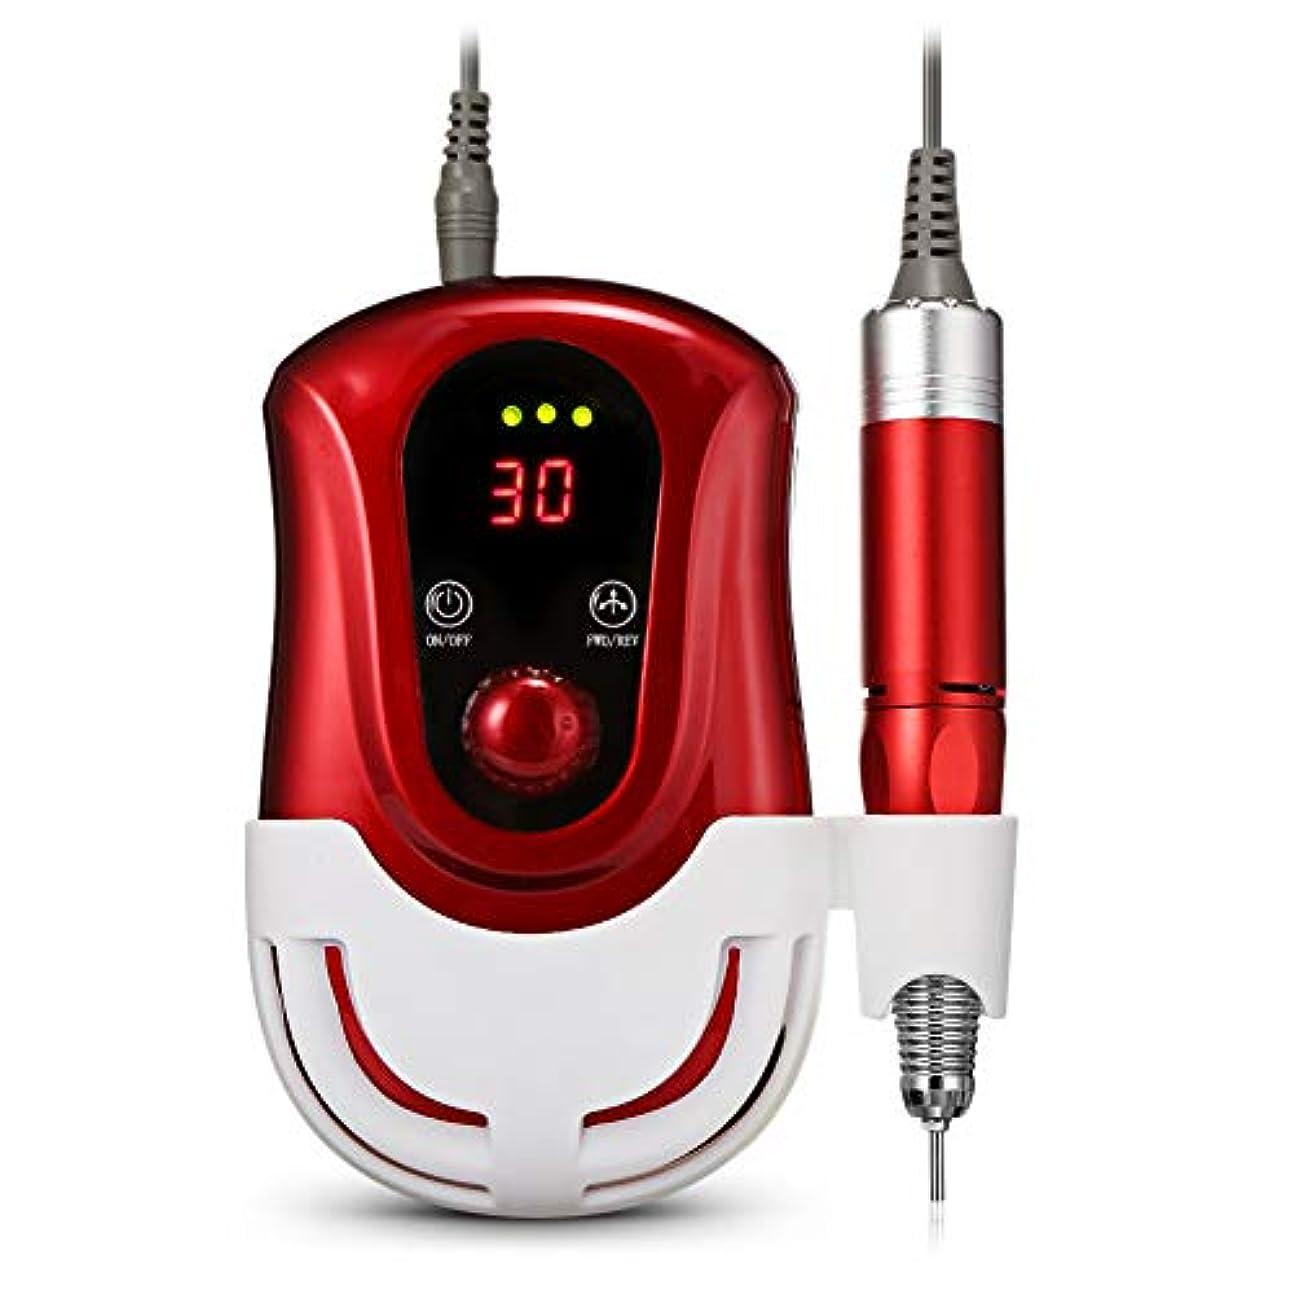 結晶なかなか繊細68ワットプロフェッショナルネイル集塵機ネイルアート機器ネイル掃除機ダスト吸引機,Red